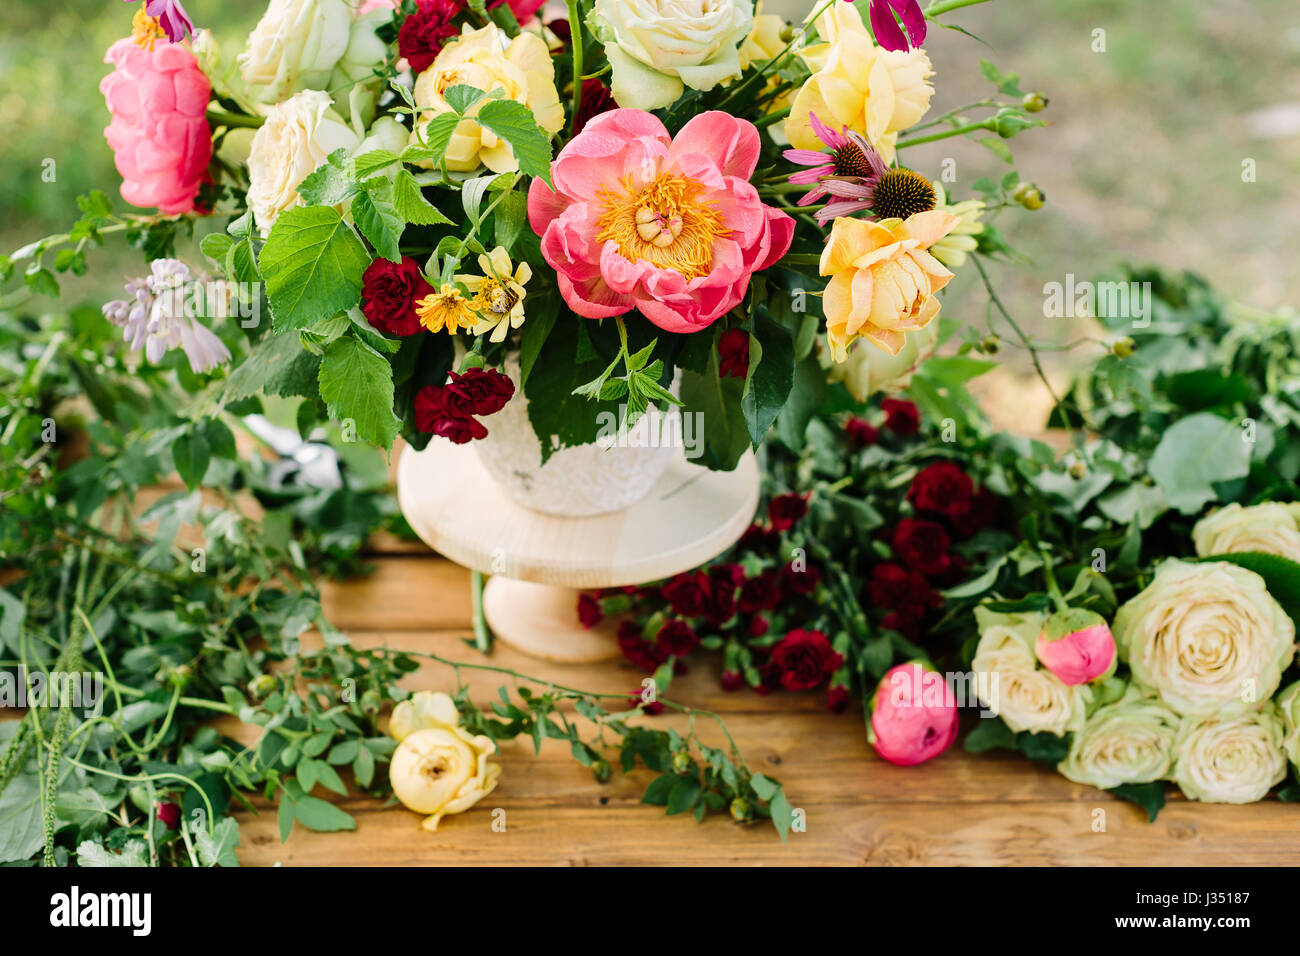 Bouquet De Flores Vacaciones Regalos Y Arreglos Florales